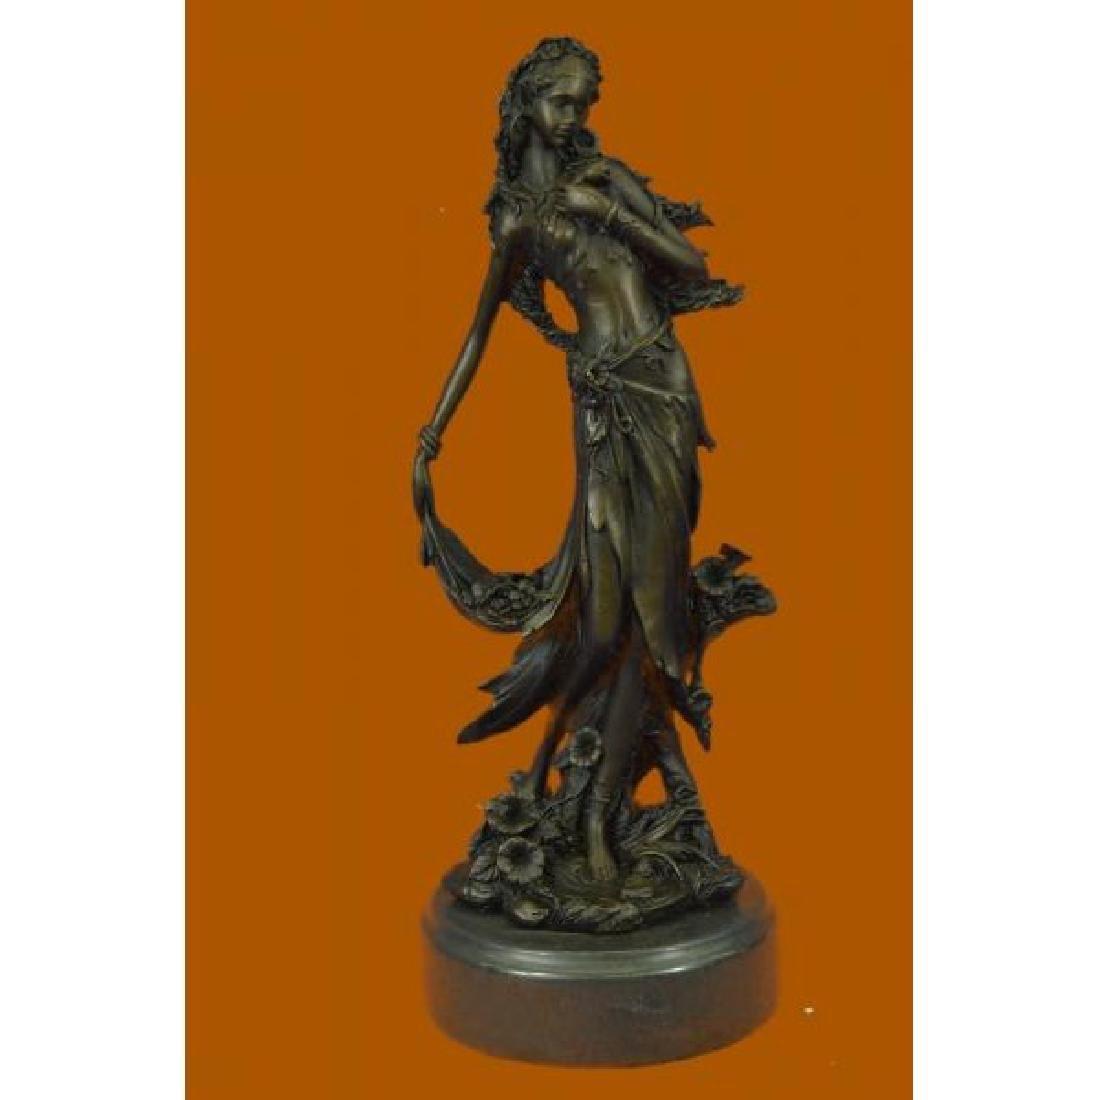 Sexy Nymph Goddess Bronze Sculpture